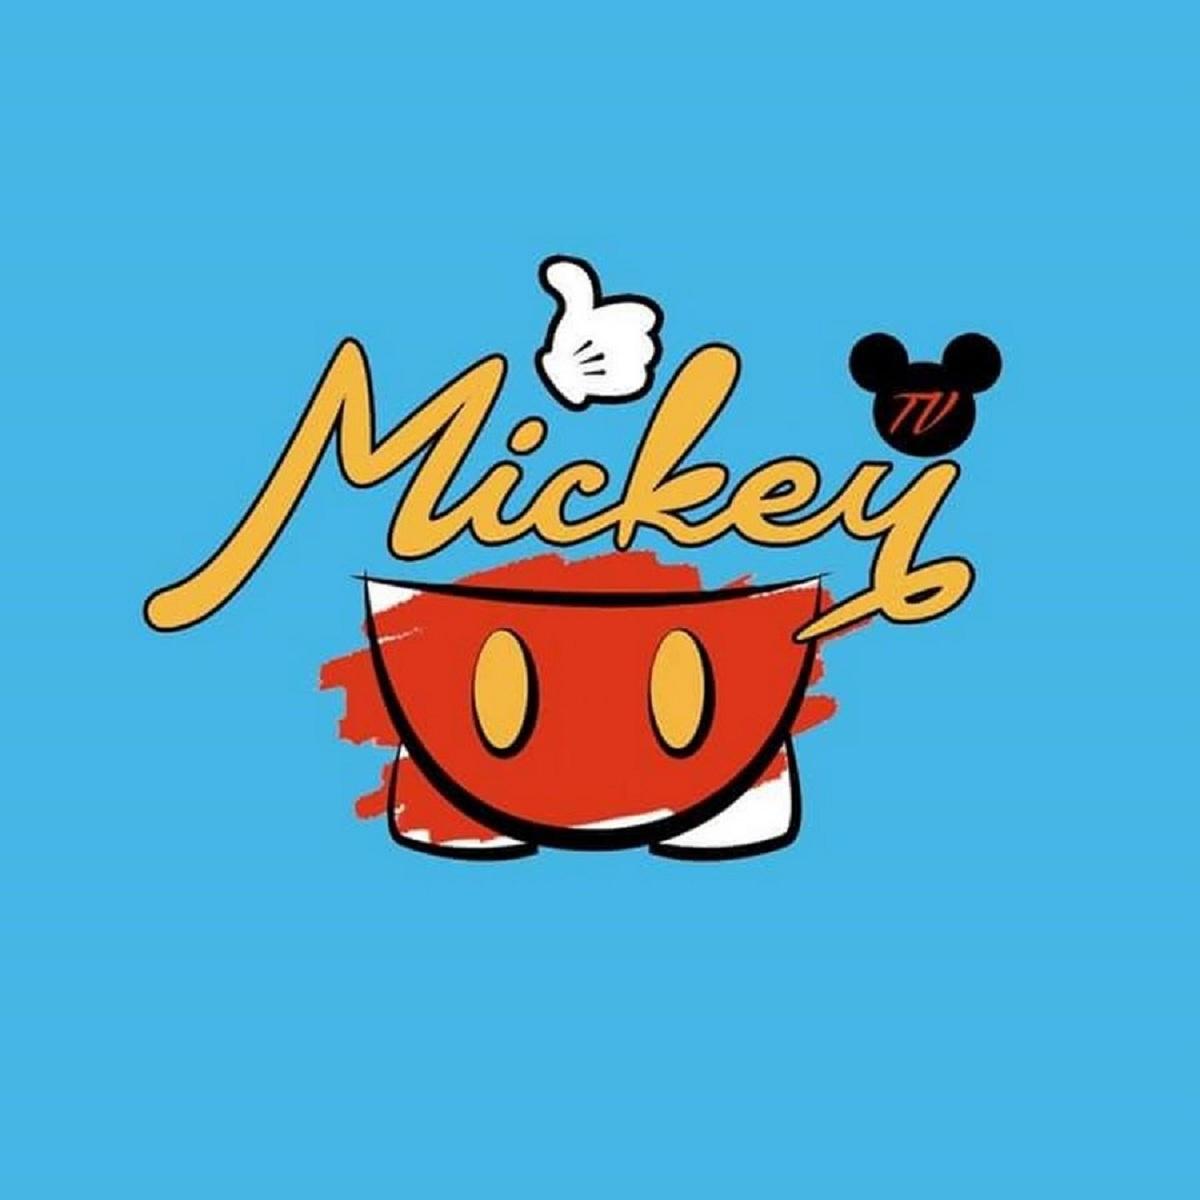 تردد قناة ميكي 2021 على نايل سات لمشاهدة باقة من أفضل برامج الأطفال وأفلام الرسوم المتحركة